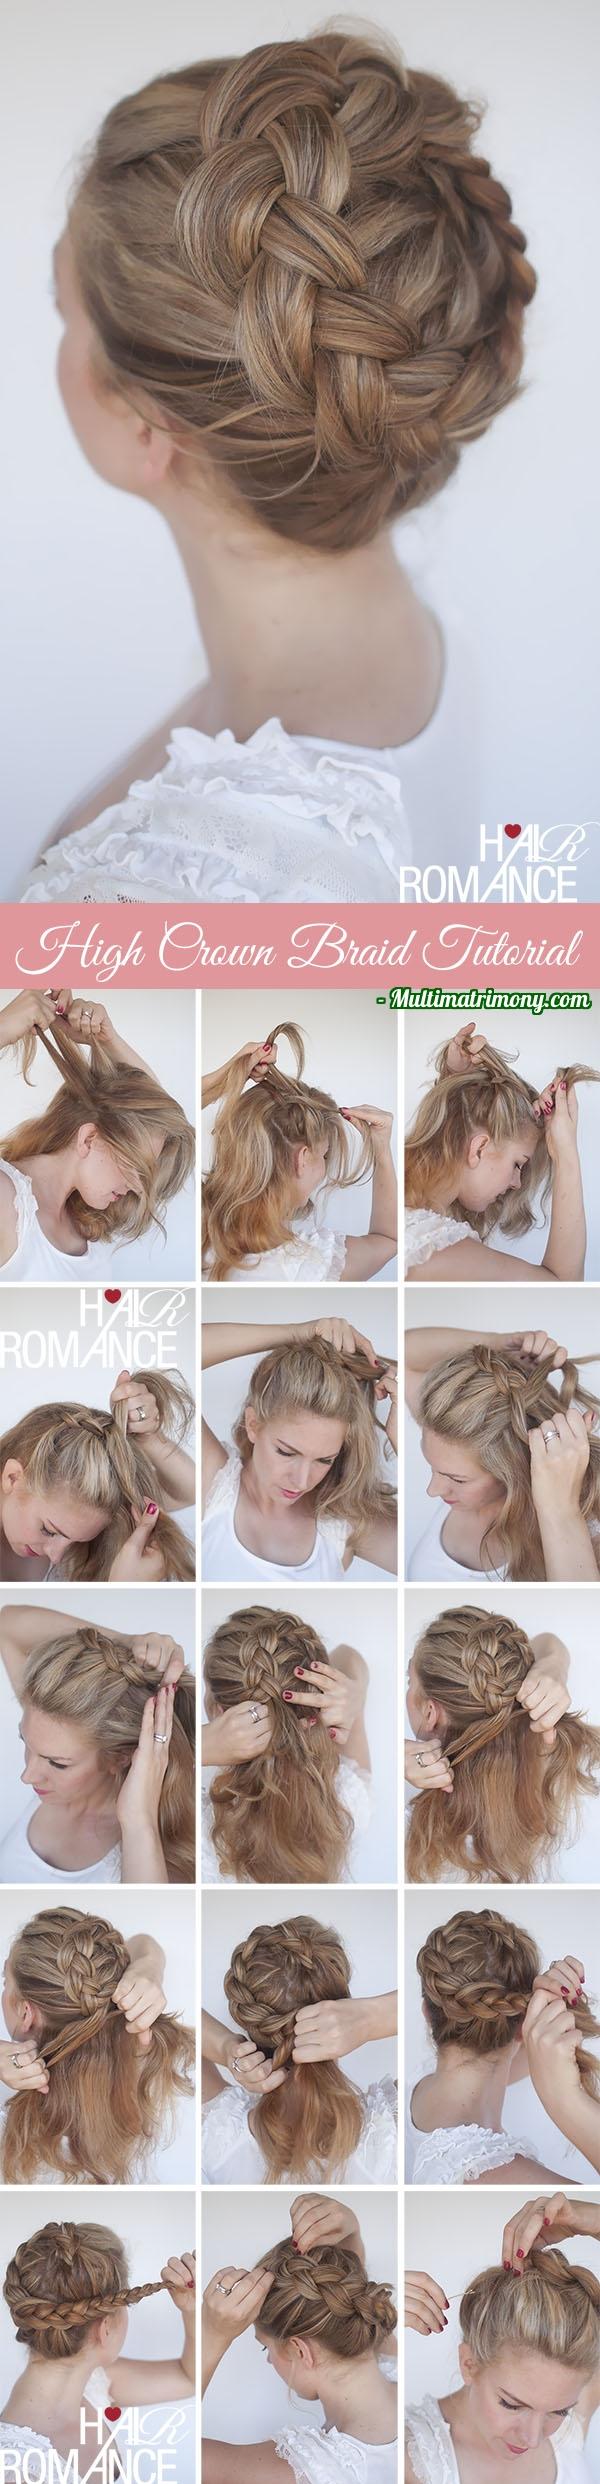 Hair-Romance-braided-crown-hairstyle-tutorial